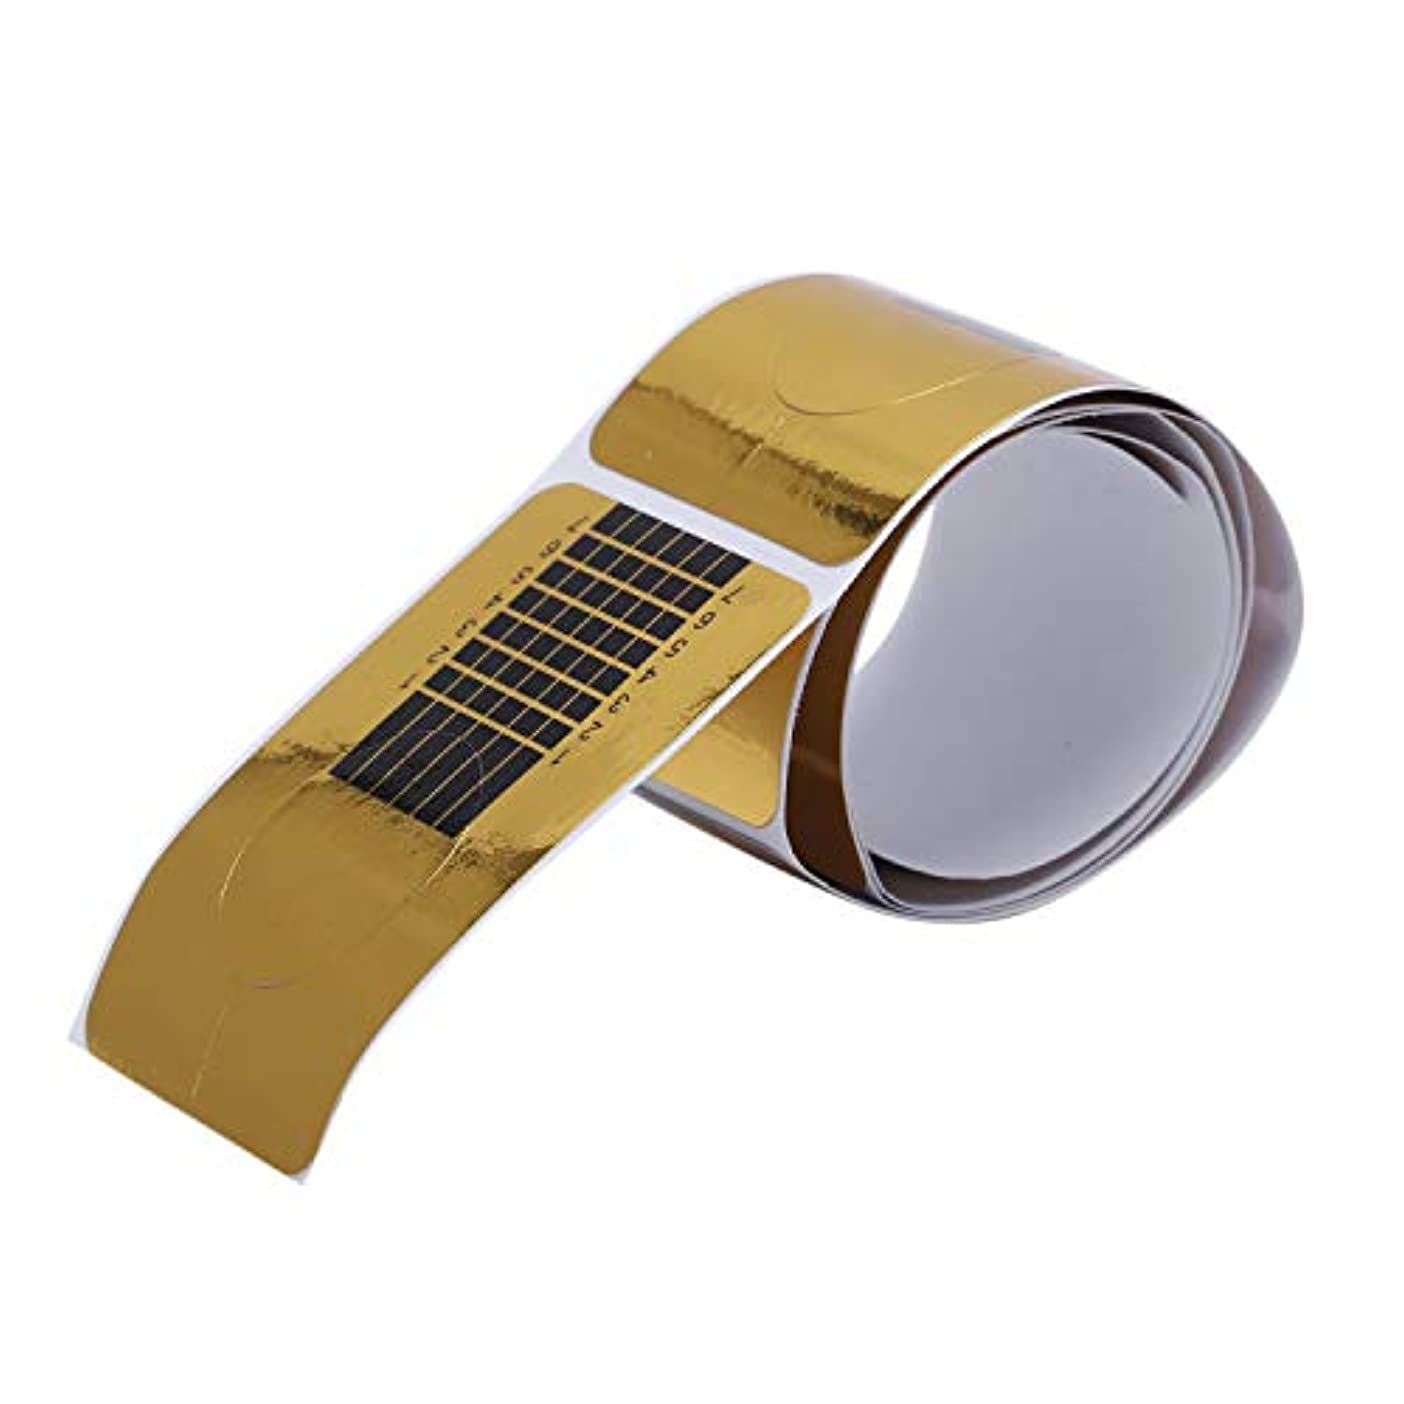 億慎重に承知しましたAFBEST 100x ゴールデンのネイルのカバー、DIYツール